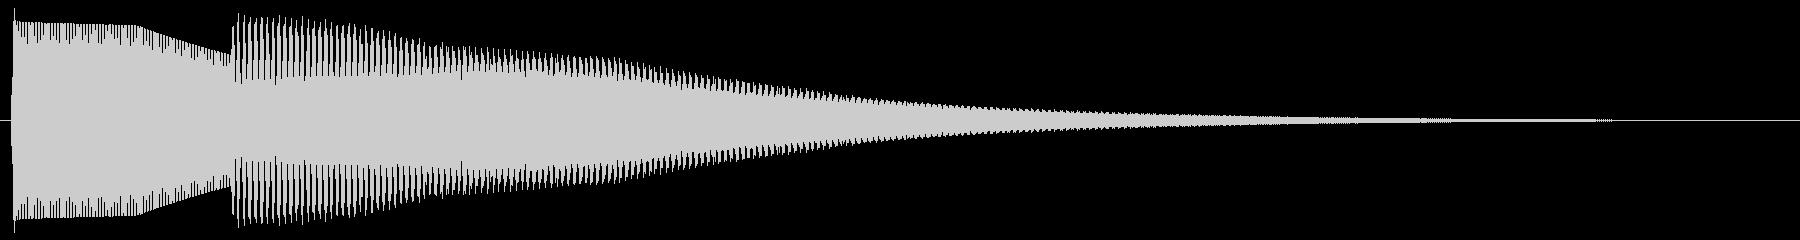 正解音 ピローン (クイズ回答風②)の未再生の波形